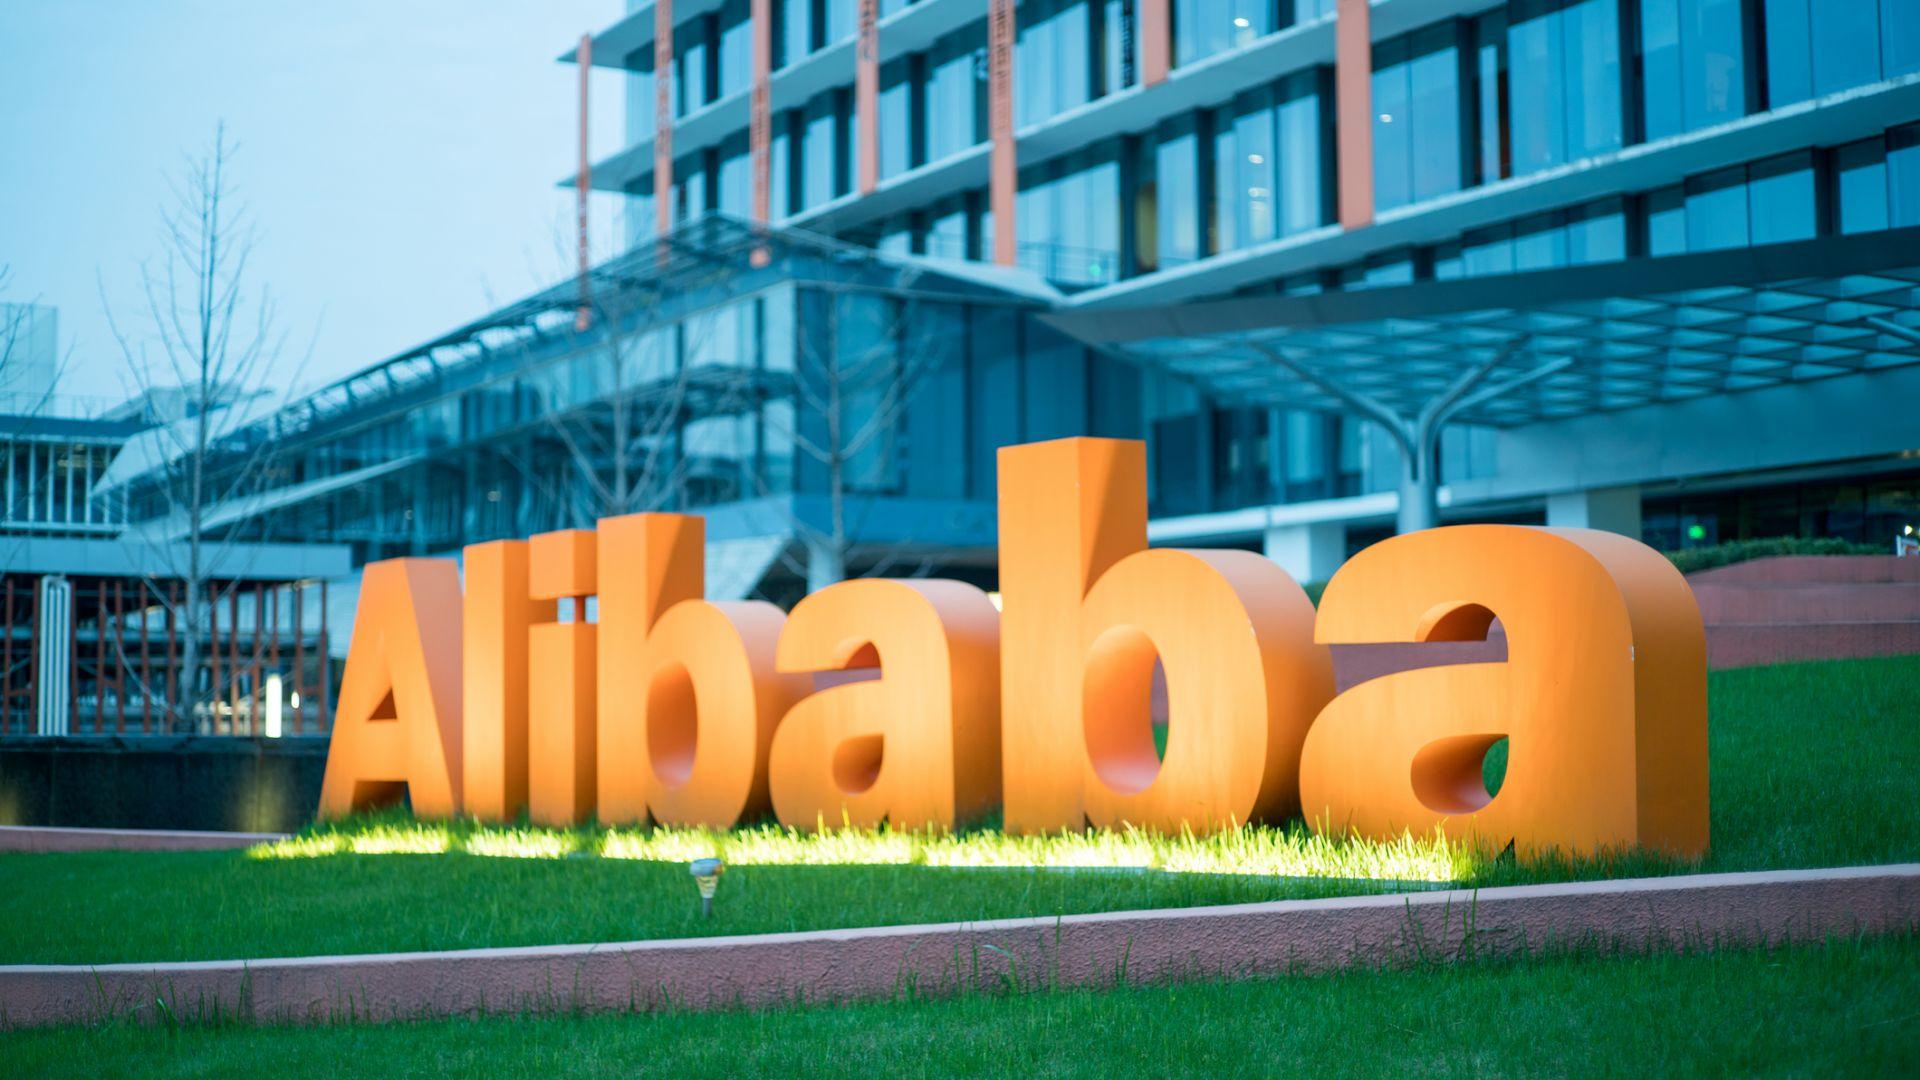 Alibaba инвестира ударно в облачни услуги